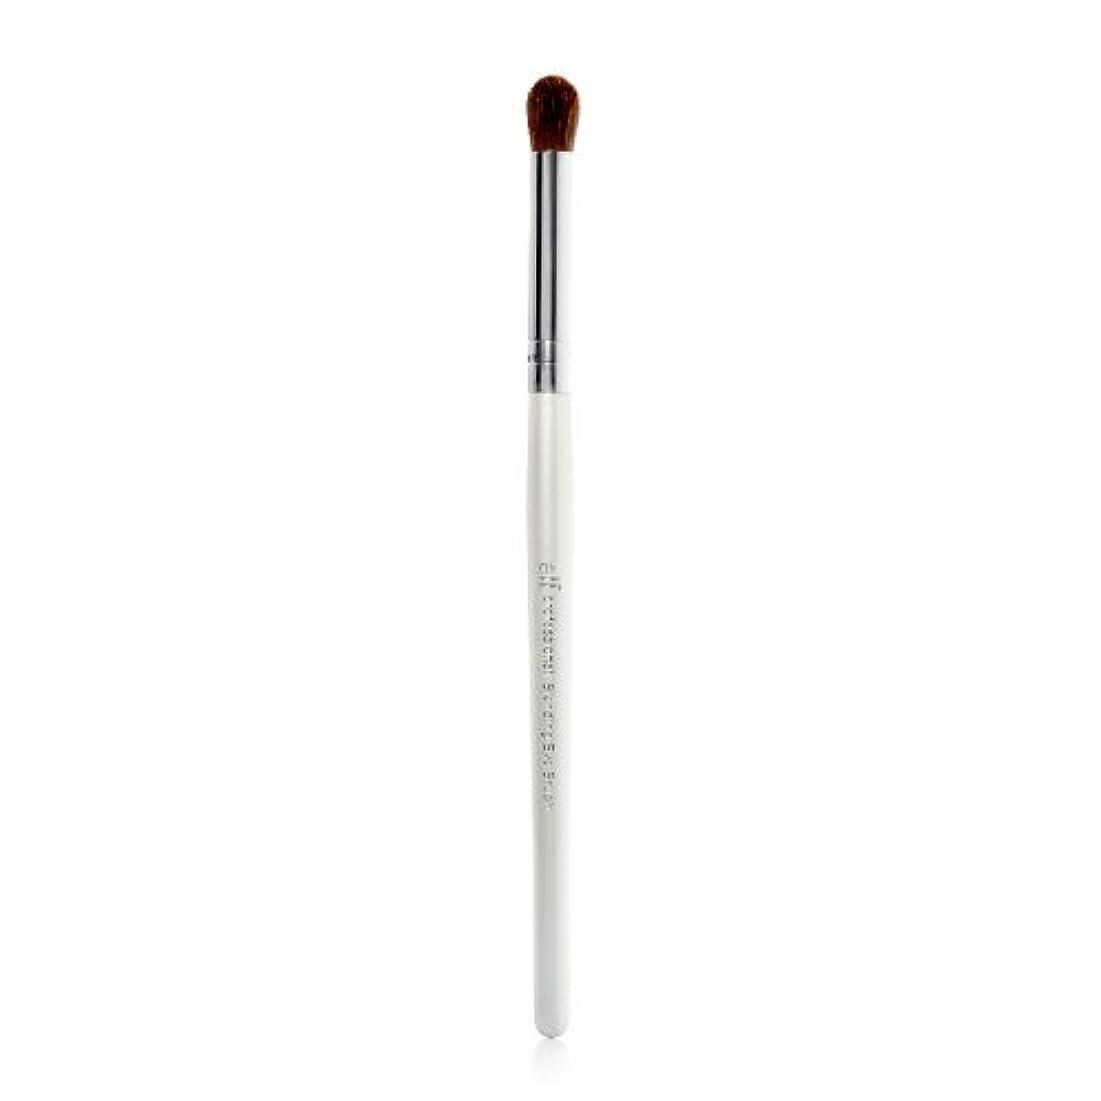 腐敗したシリアル悪党(3 Pack) e.l.f. Essential Blending Eye Brush - EF1803 (並行輸入品)